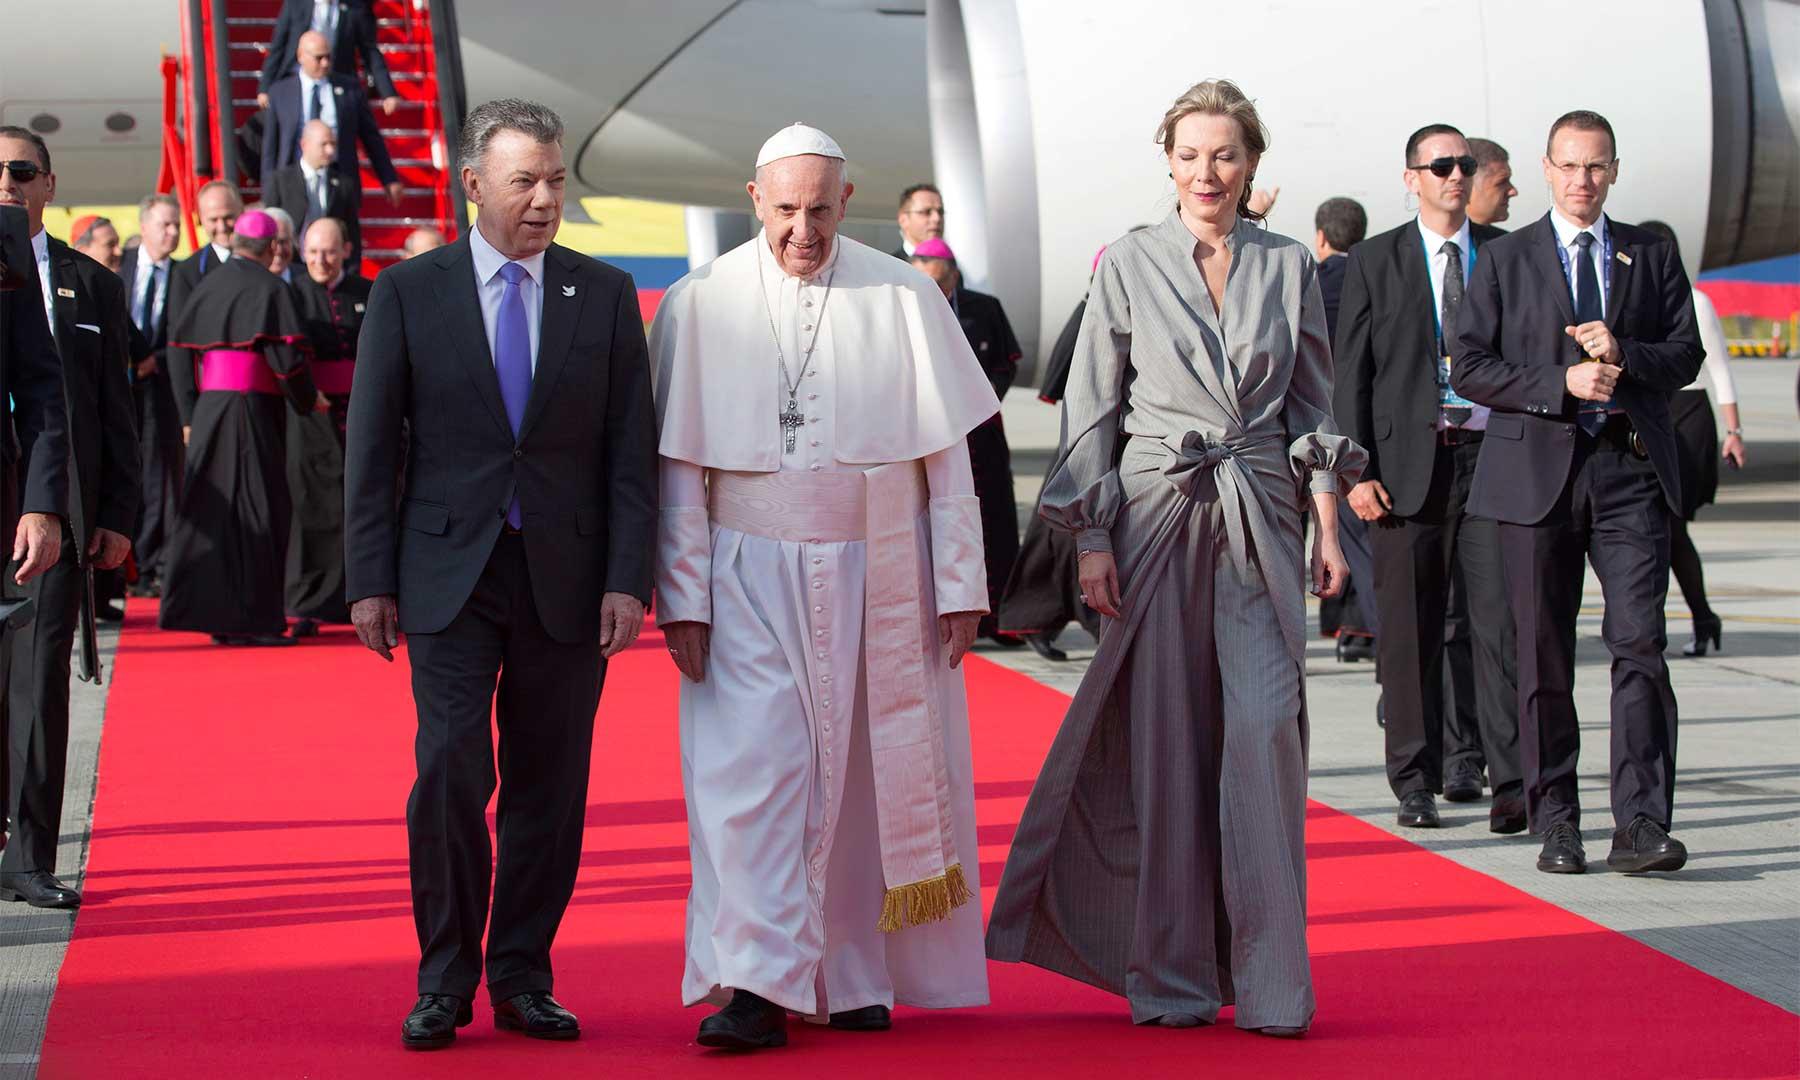 El Papa Francisco llega a Villavicencio para reconciliación